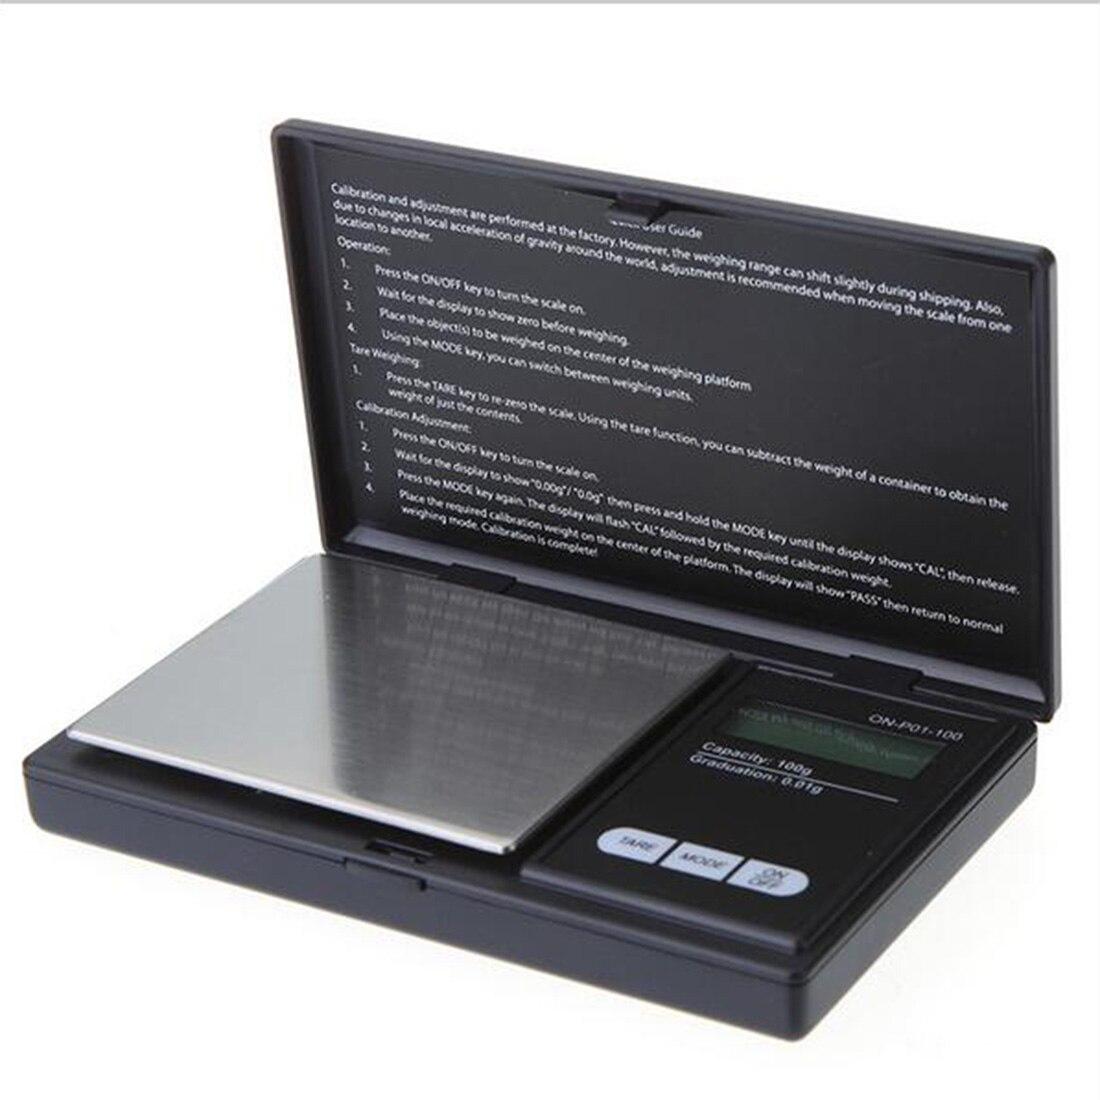 Praktische Tragbare LCD-Display Elektronische Digital Skala Precision Schmuck Tasche Waagen Wiegen Waagen Clamshell